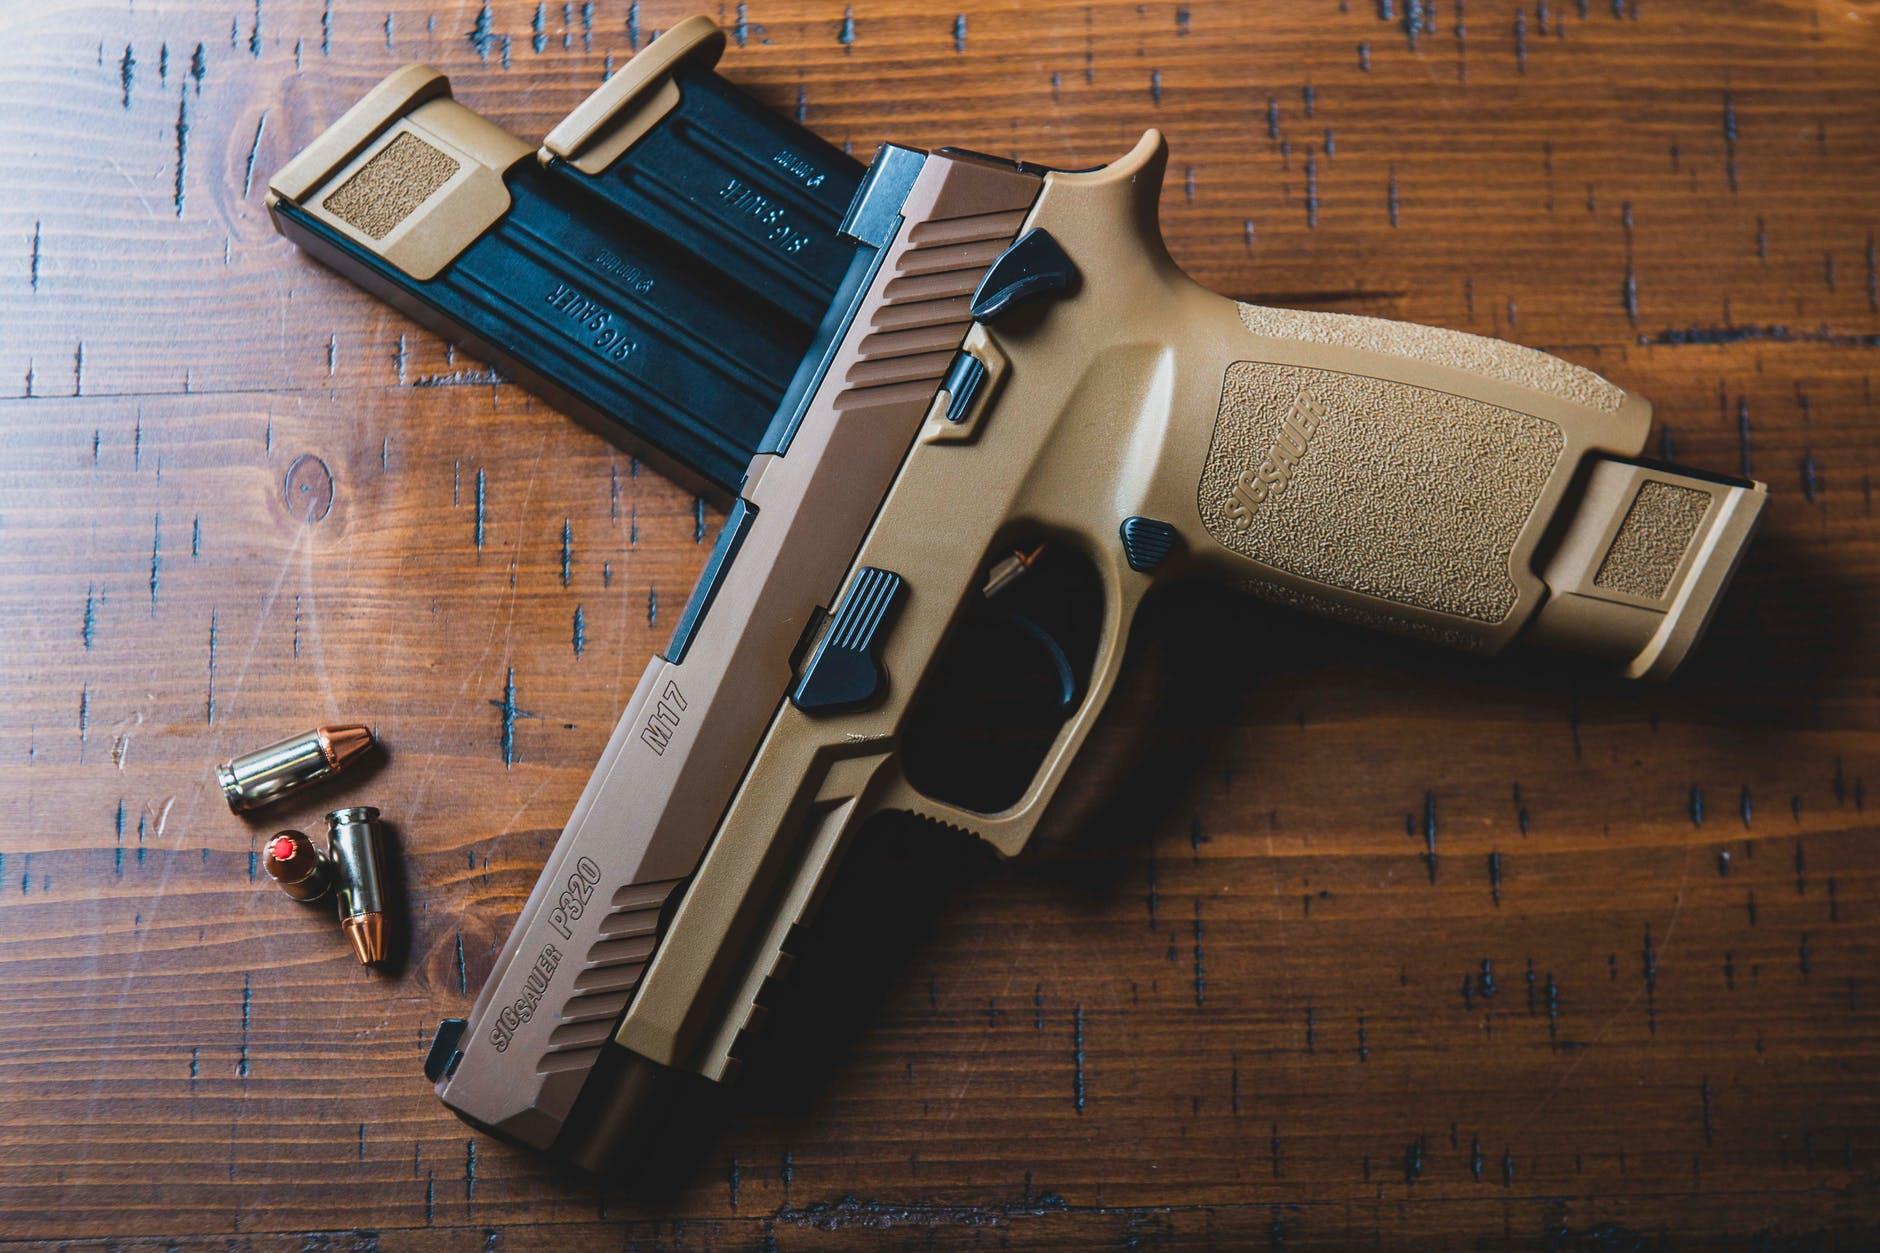 gray and black semi automatic pistol